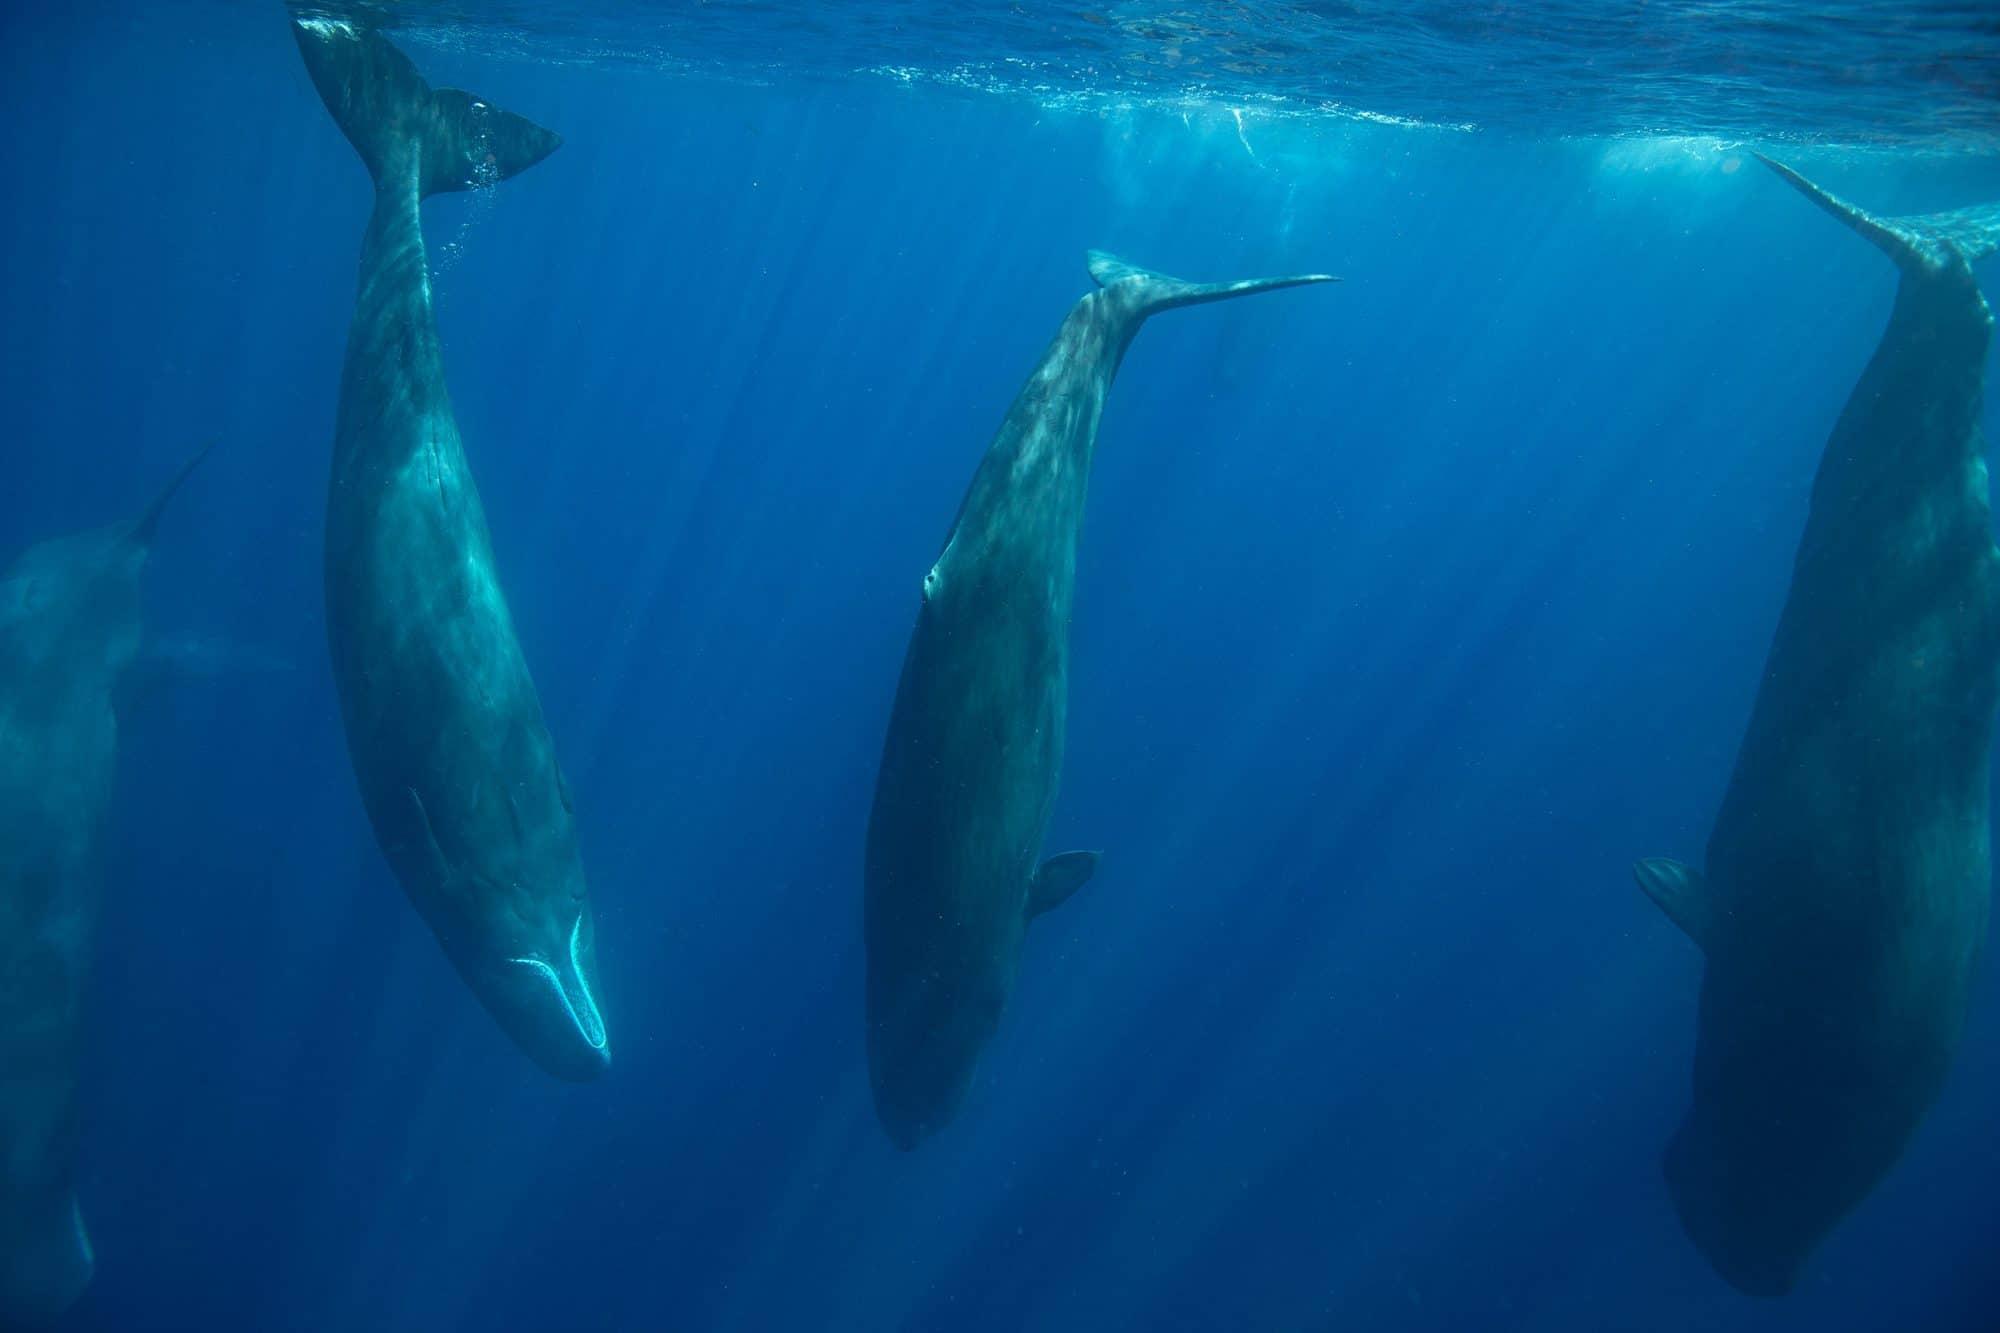 A magical sperm whale encounter